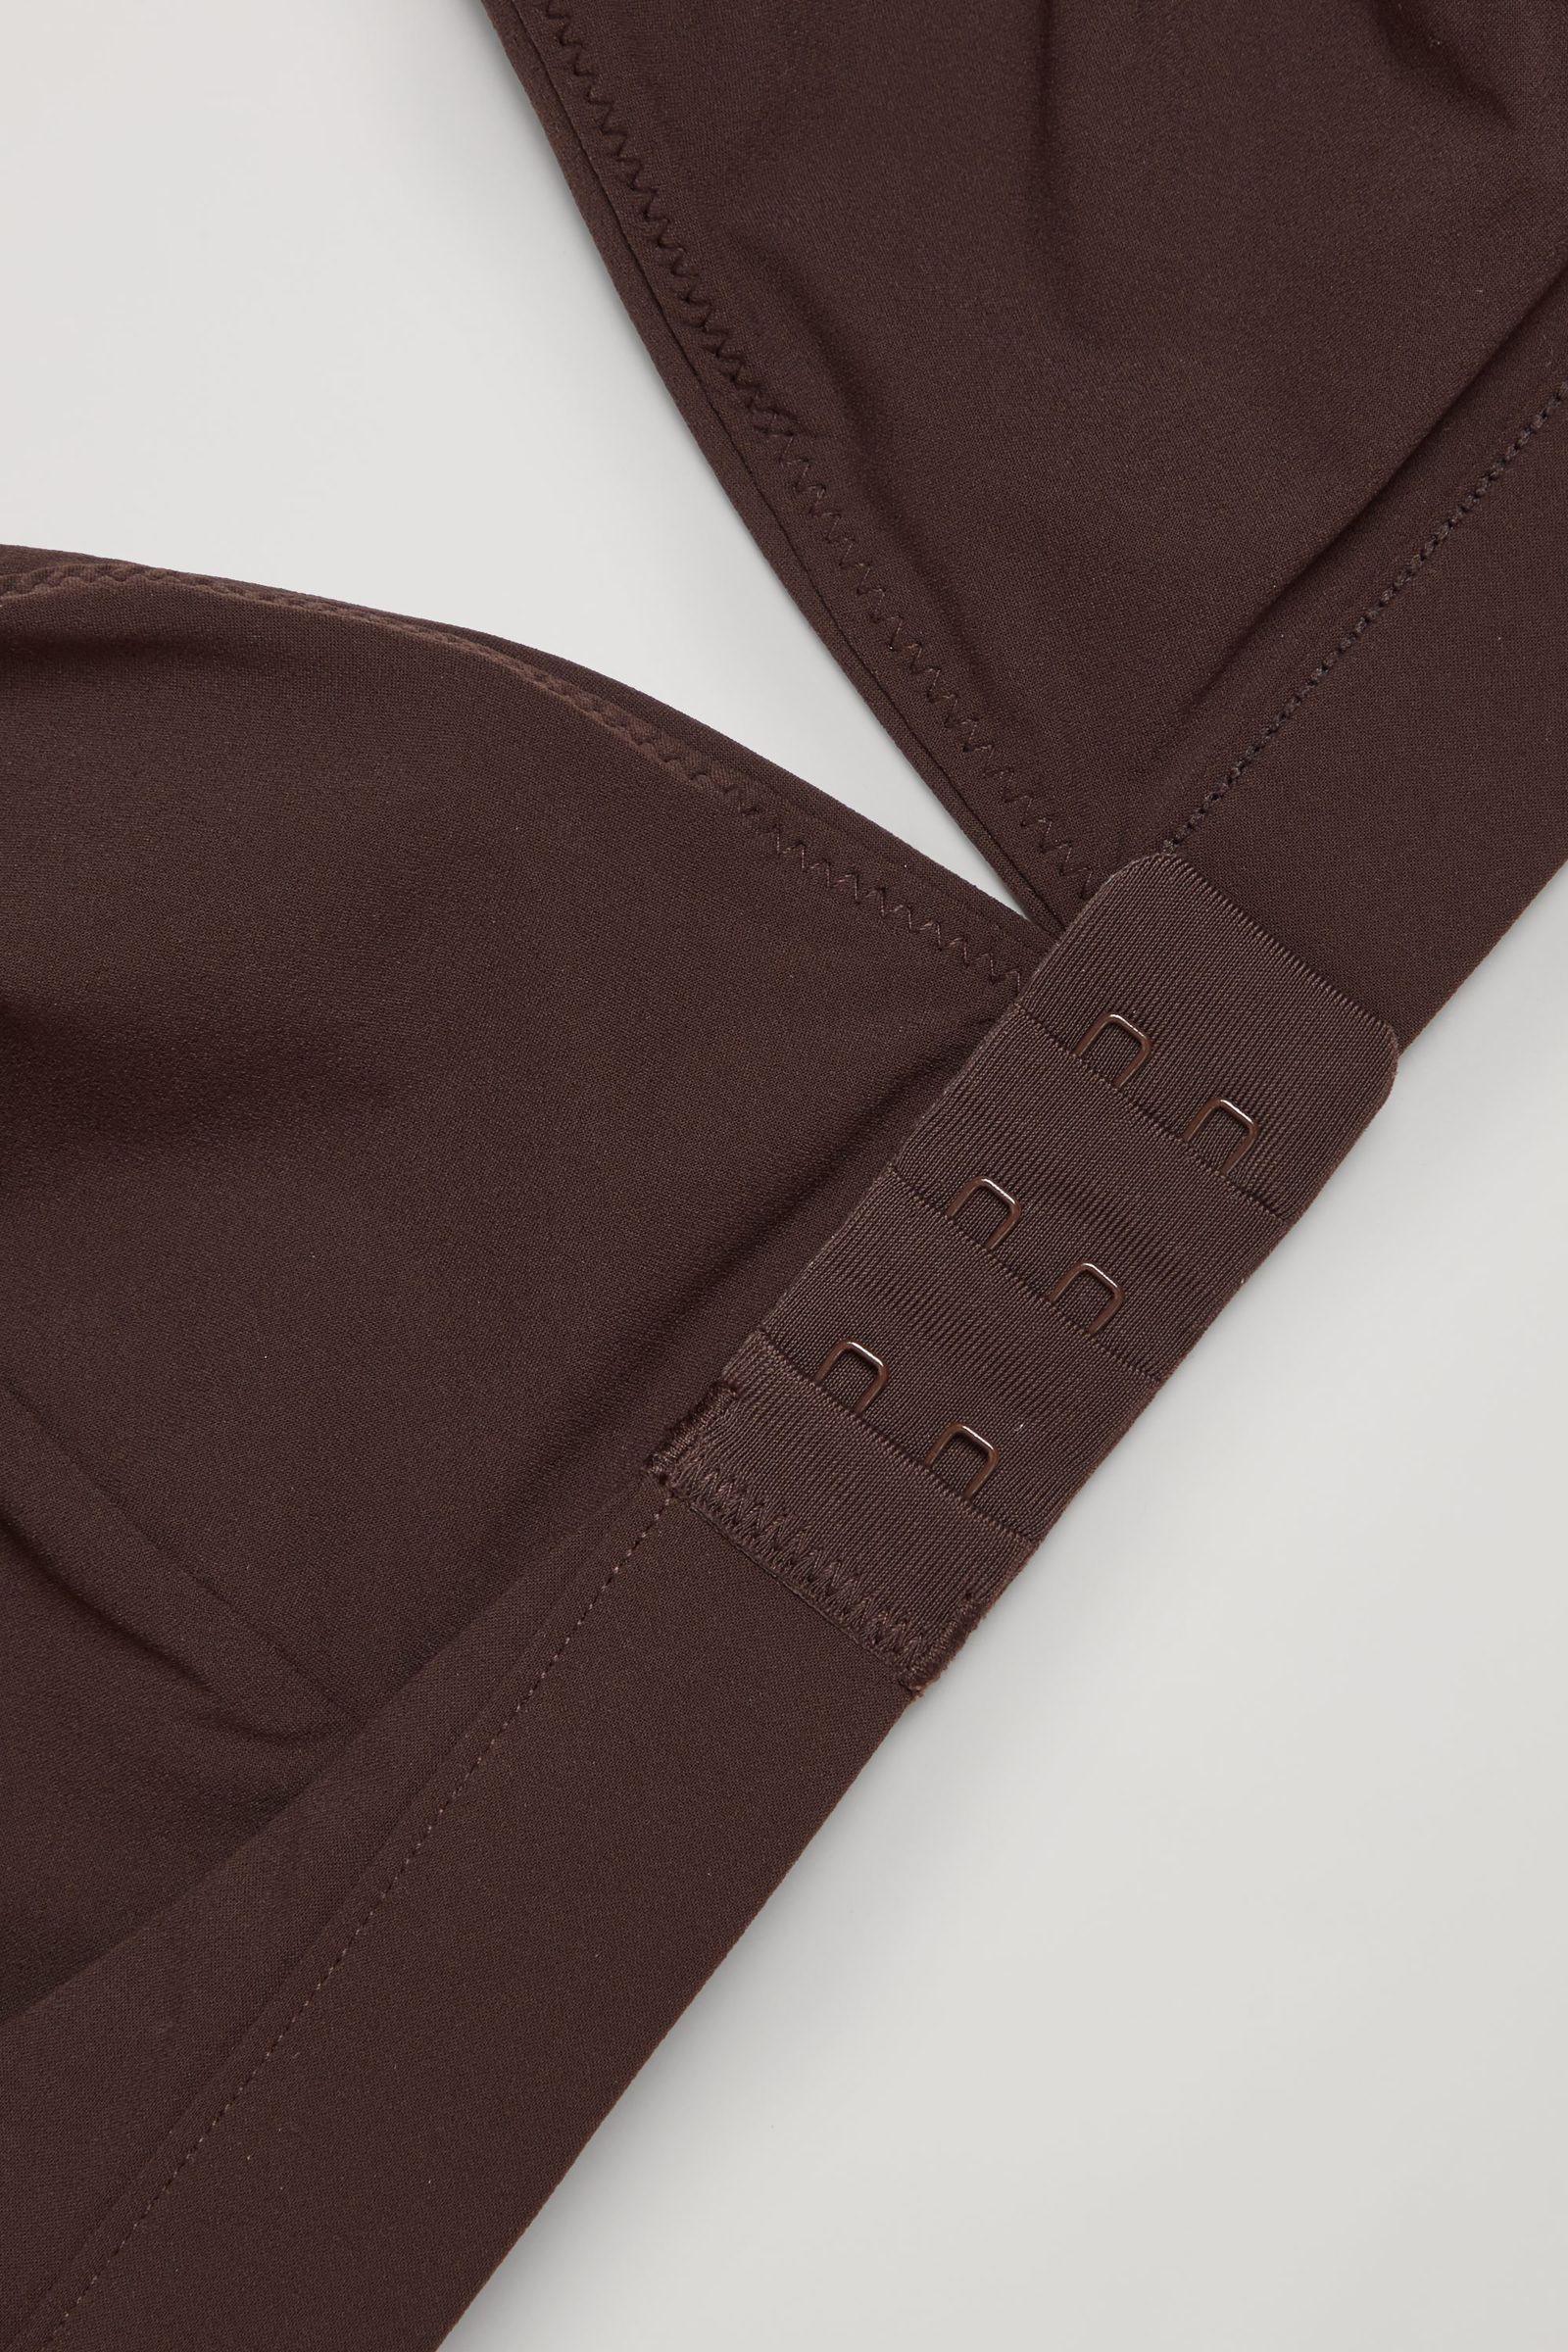 COS 트라이앵글 마이크로파이버 브라의 다크 브라운컬러 Detail입니다.